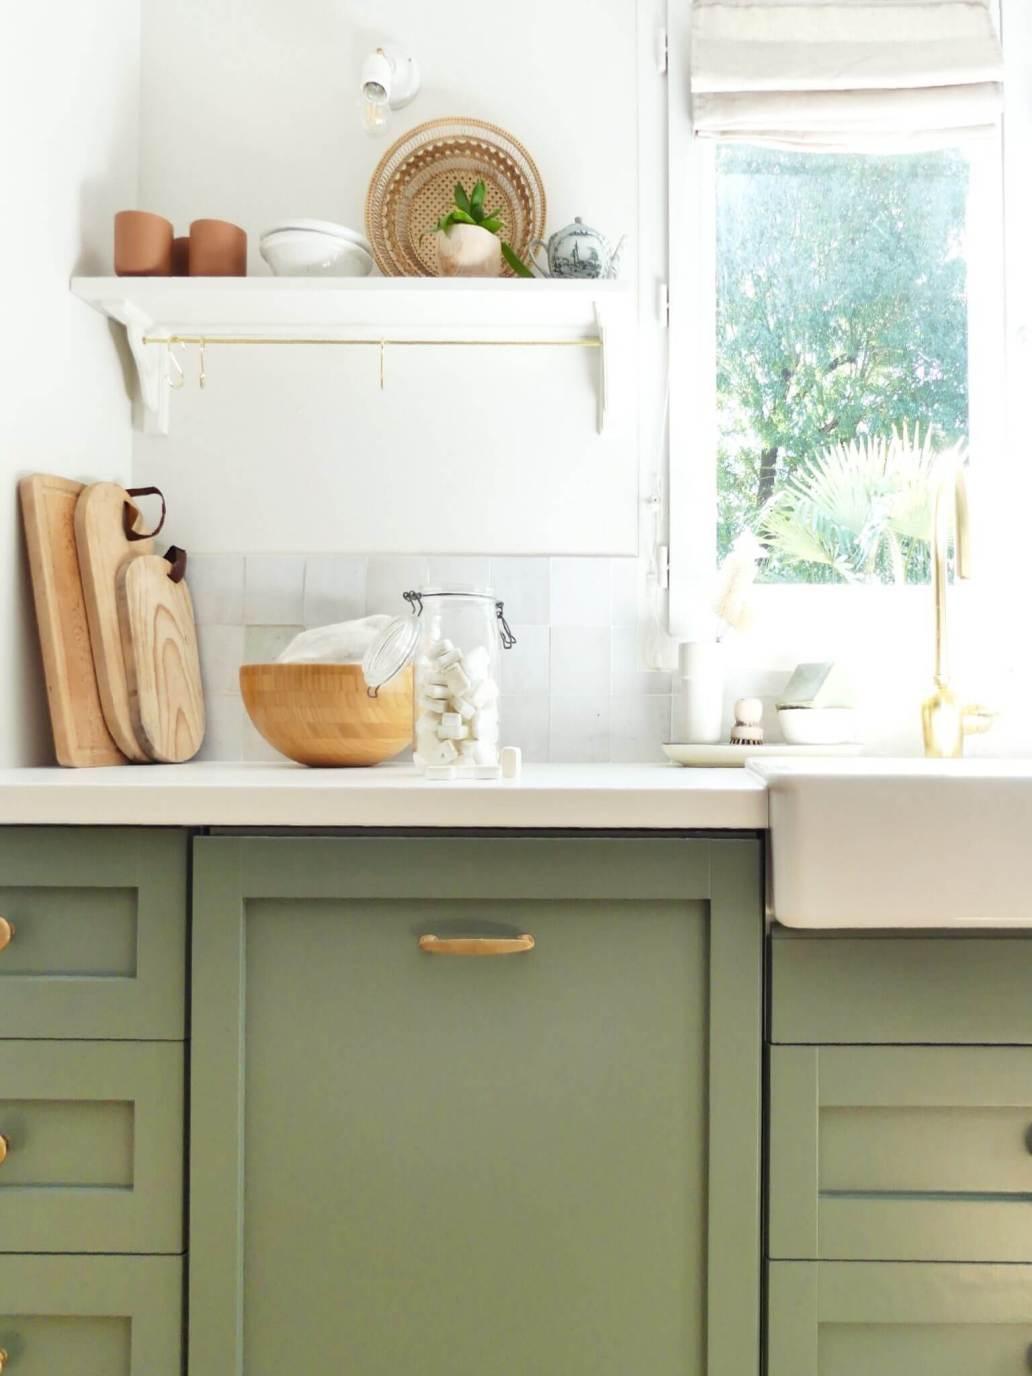 decoration cuisine verte ecologique avec inspiration zero dechet 1 1 - 15 philosophies décoratives qui vous veulent du bien !